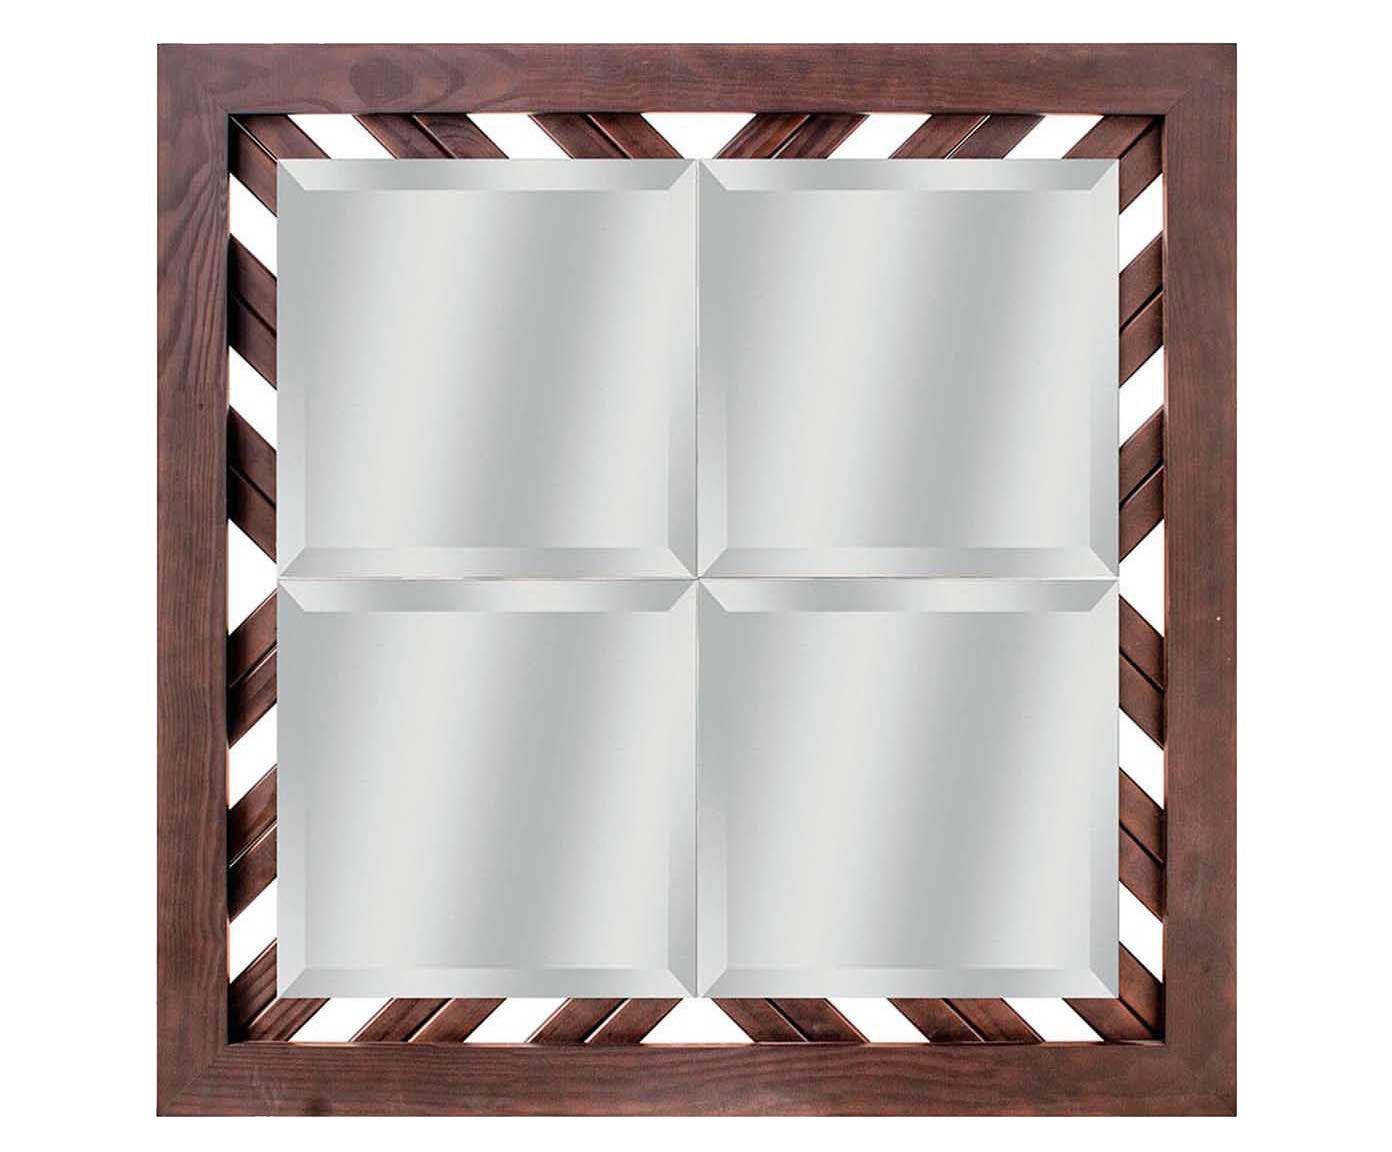 Espelho creativity - 93x93cm | Westwing.com.br